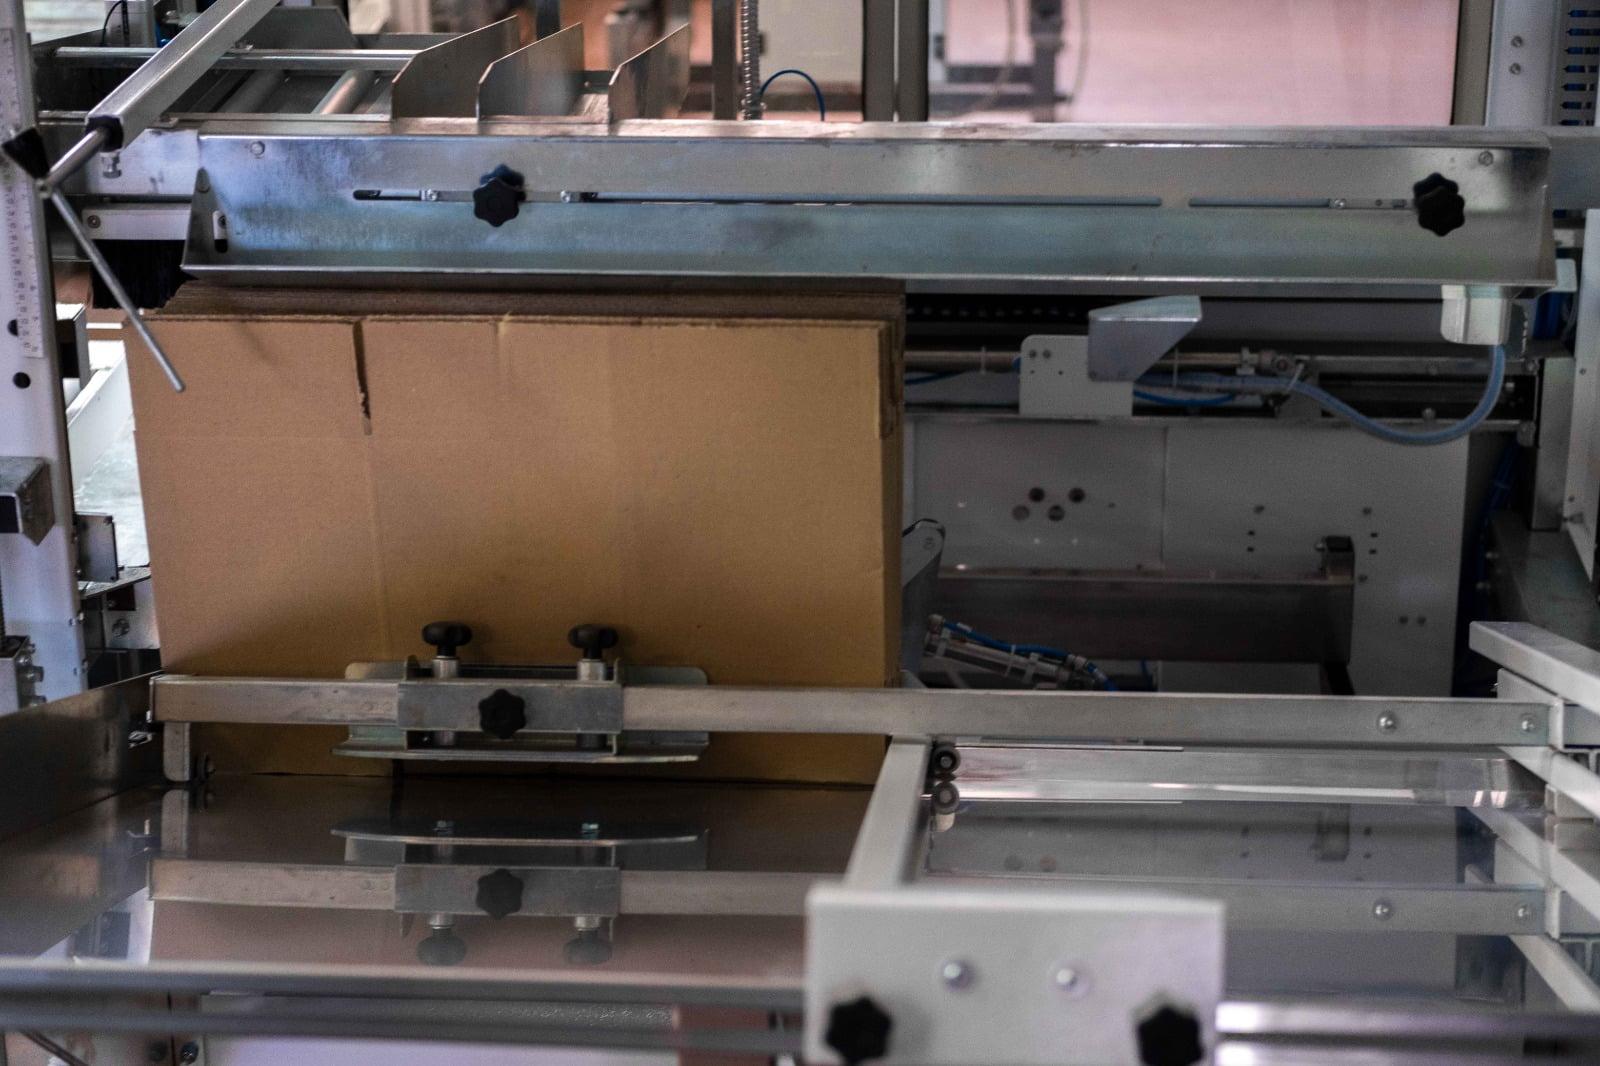 Formatore automatico di cartoni usato_Elena Marketti_2